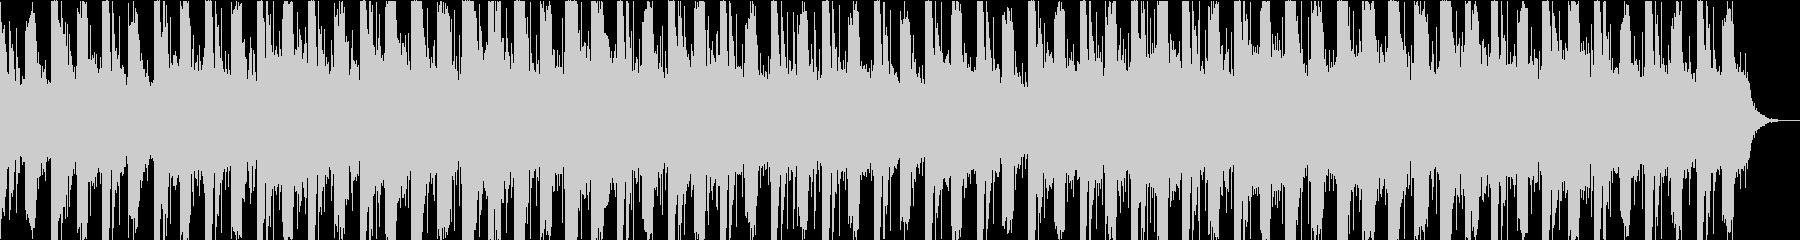 不思議な雰囲気のエレクトロ 映像向けの未再生の波形